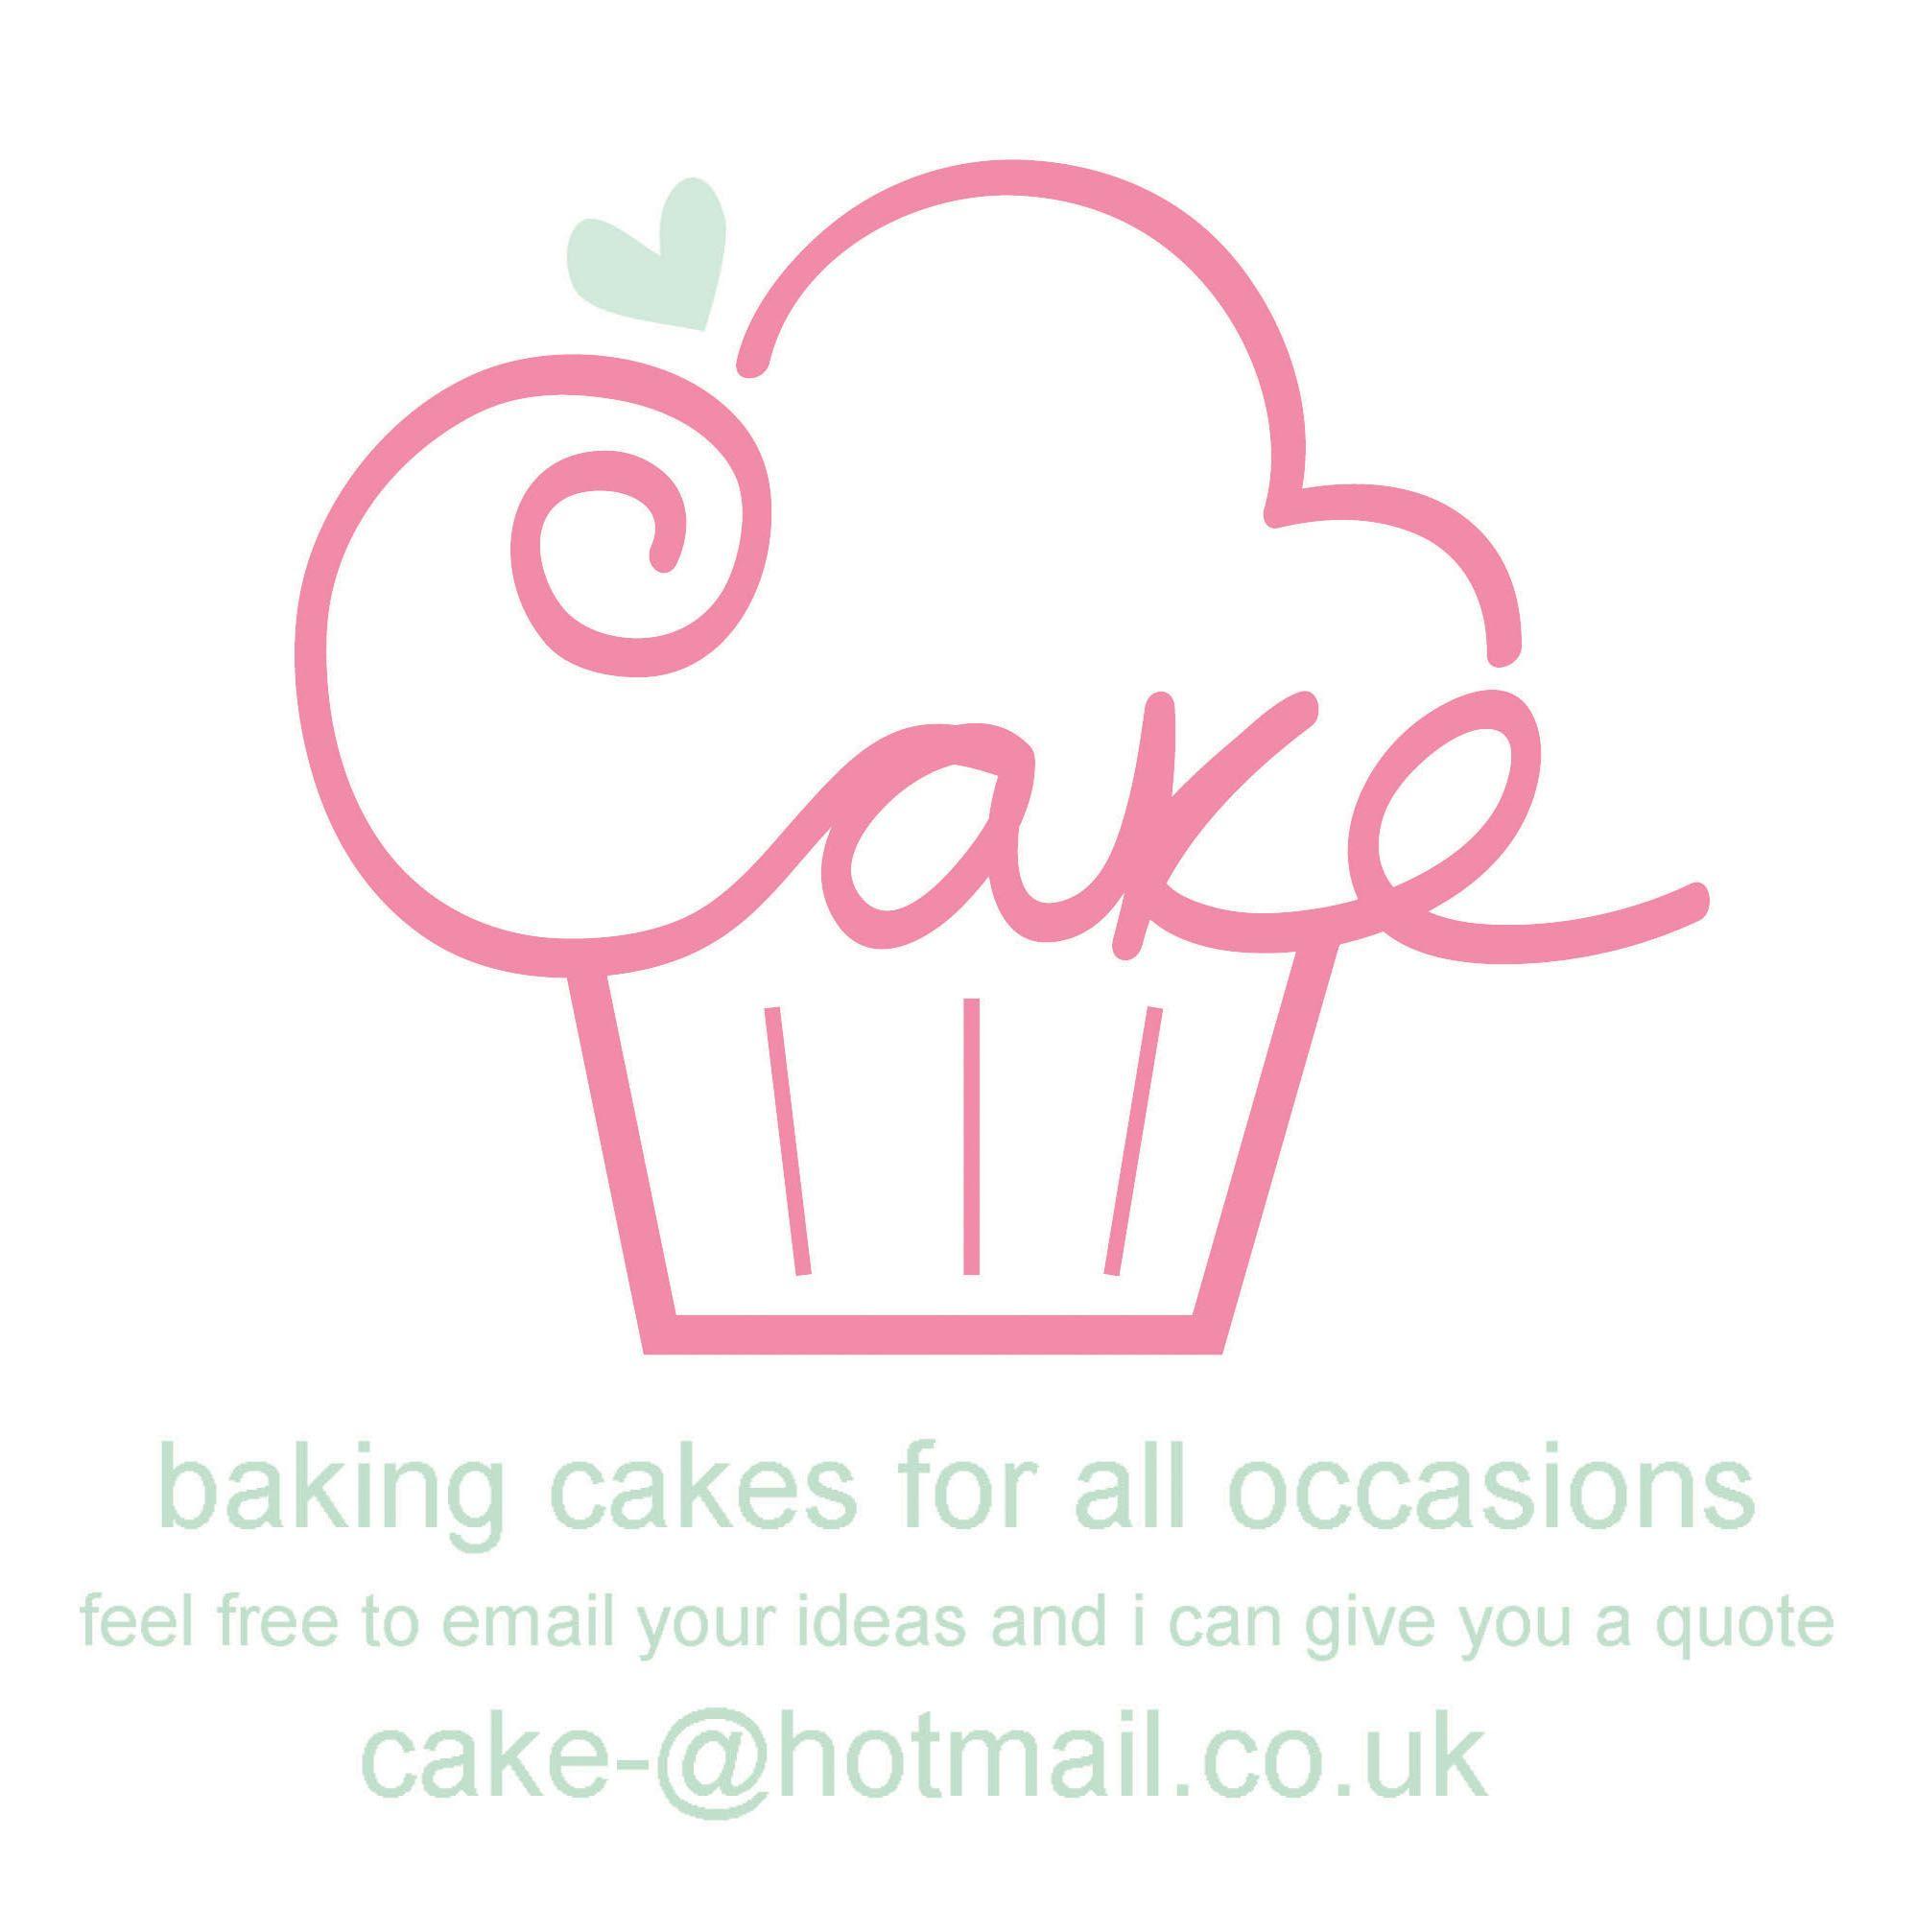 new cake logo from the beginning Cake logo design